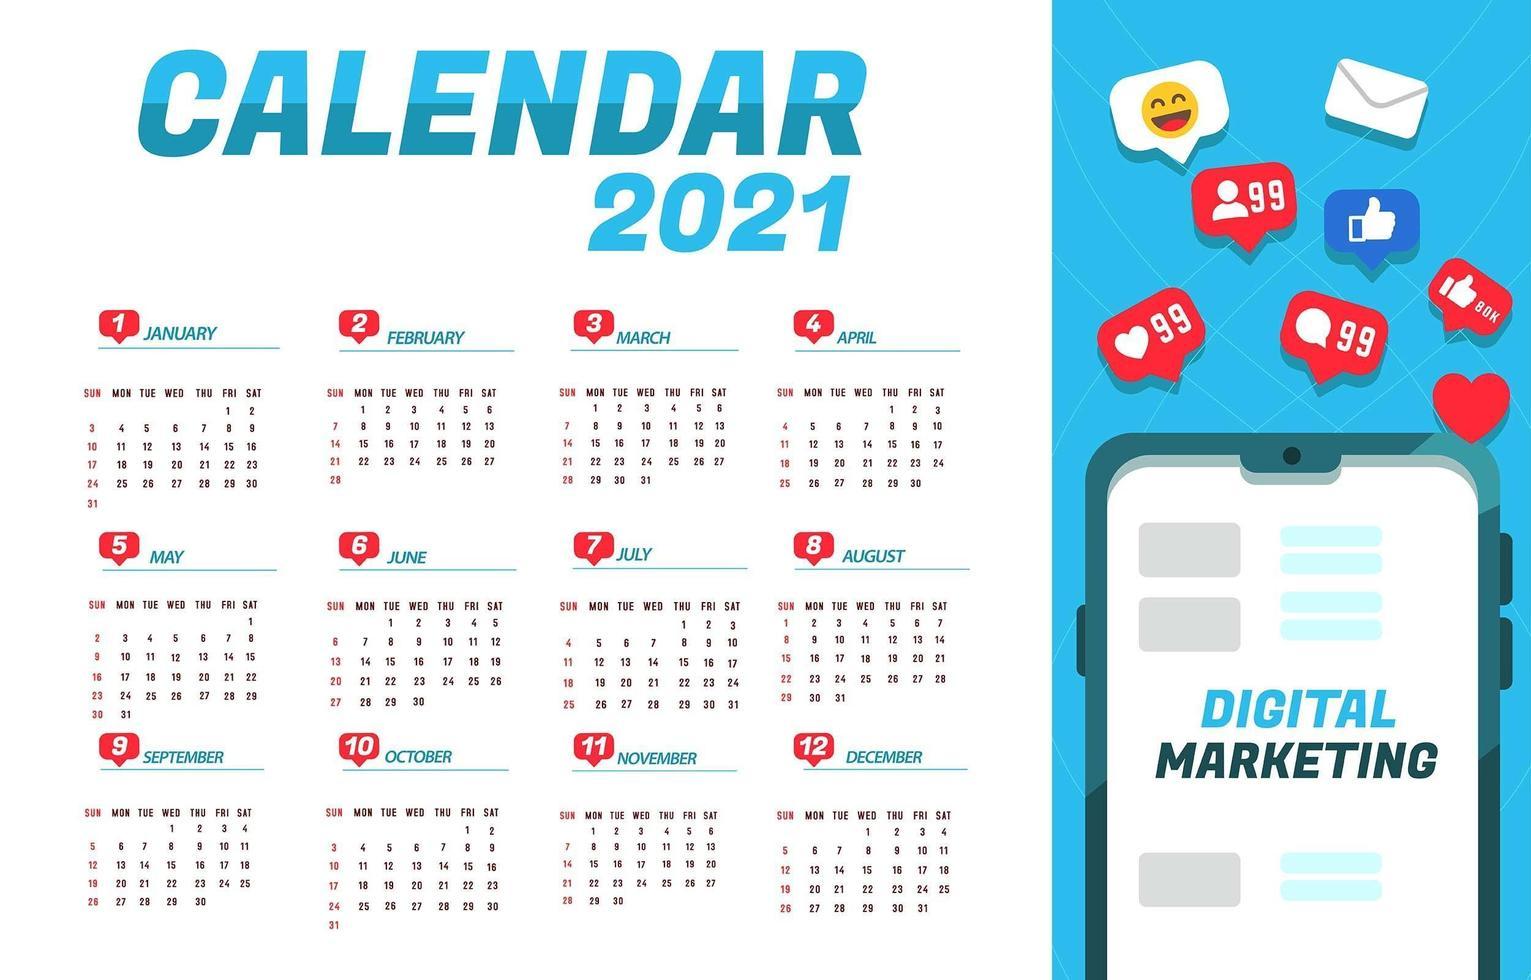 notifications pour le calendrier de marketing numérique 2021